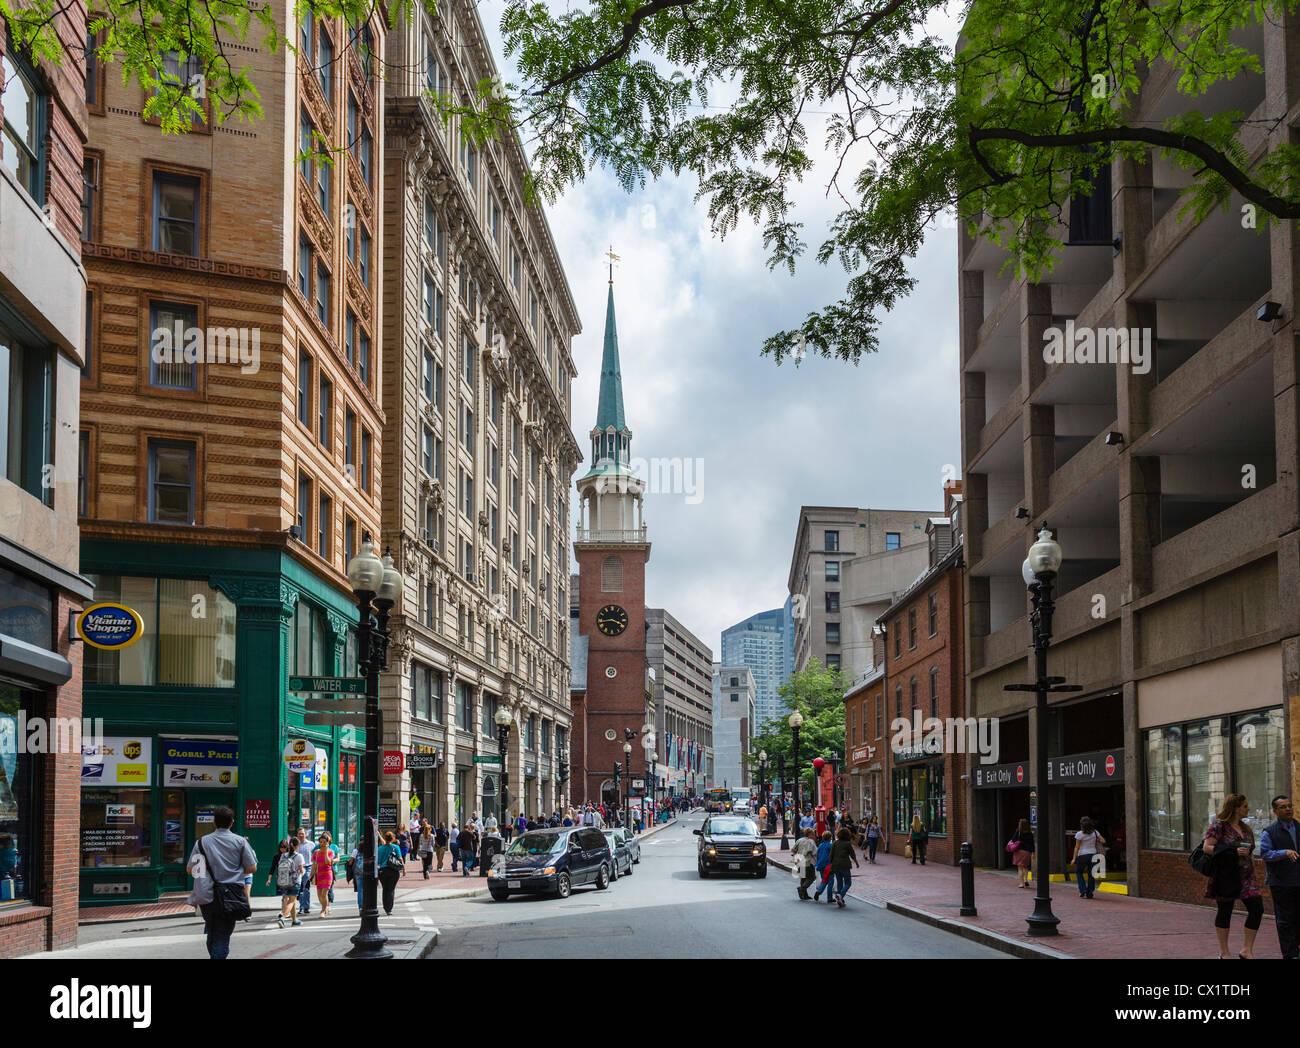 Ver abajo de la calle Washington, mirando hacia el Old South Meeting House, Boston, Massachusetts, EE.UU. Imagen De Stock